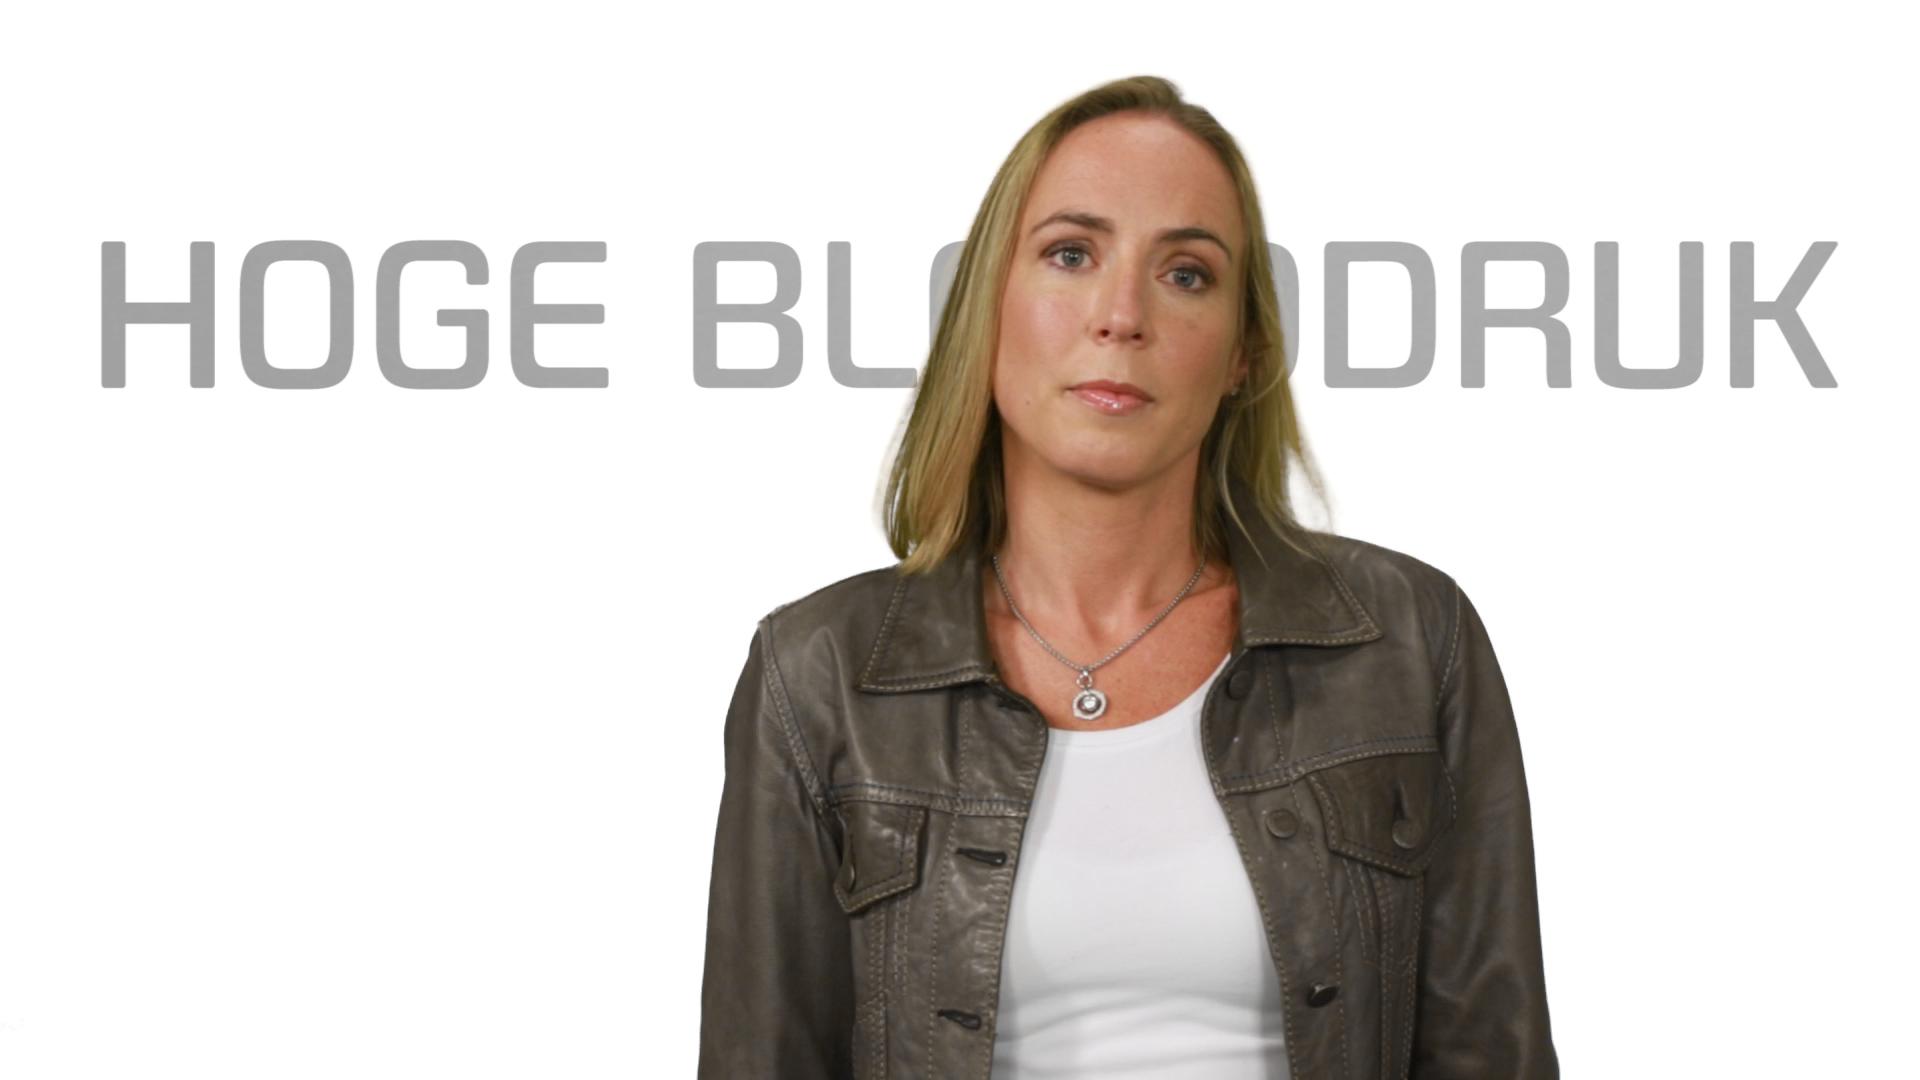 Watch the video: High bloodpressure